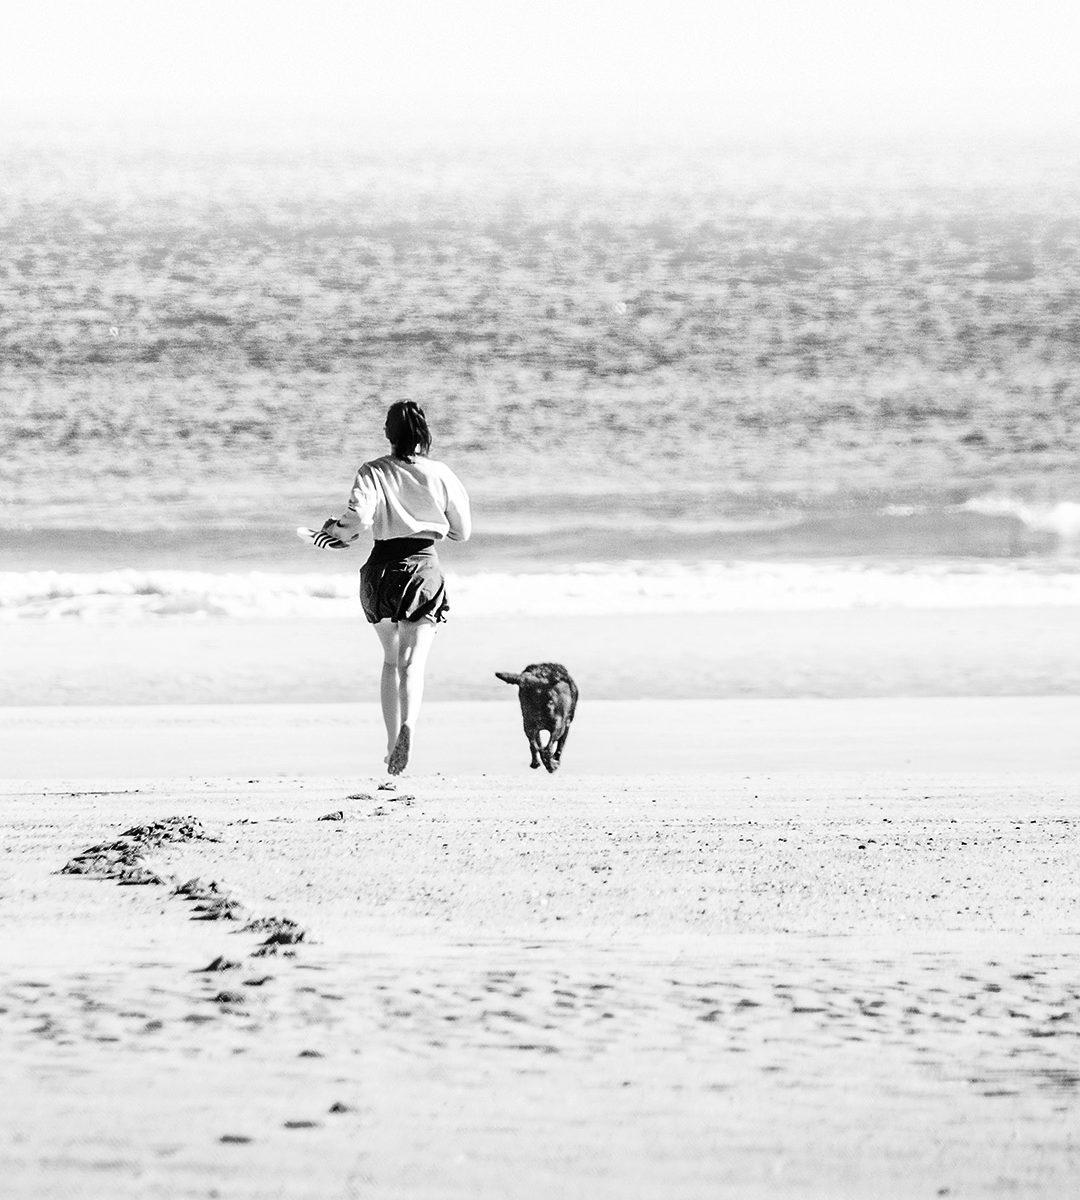 Jeune fille qui, sandalles à la main, court vers la mer accompagnée de son chien